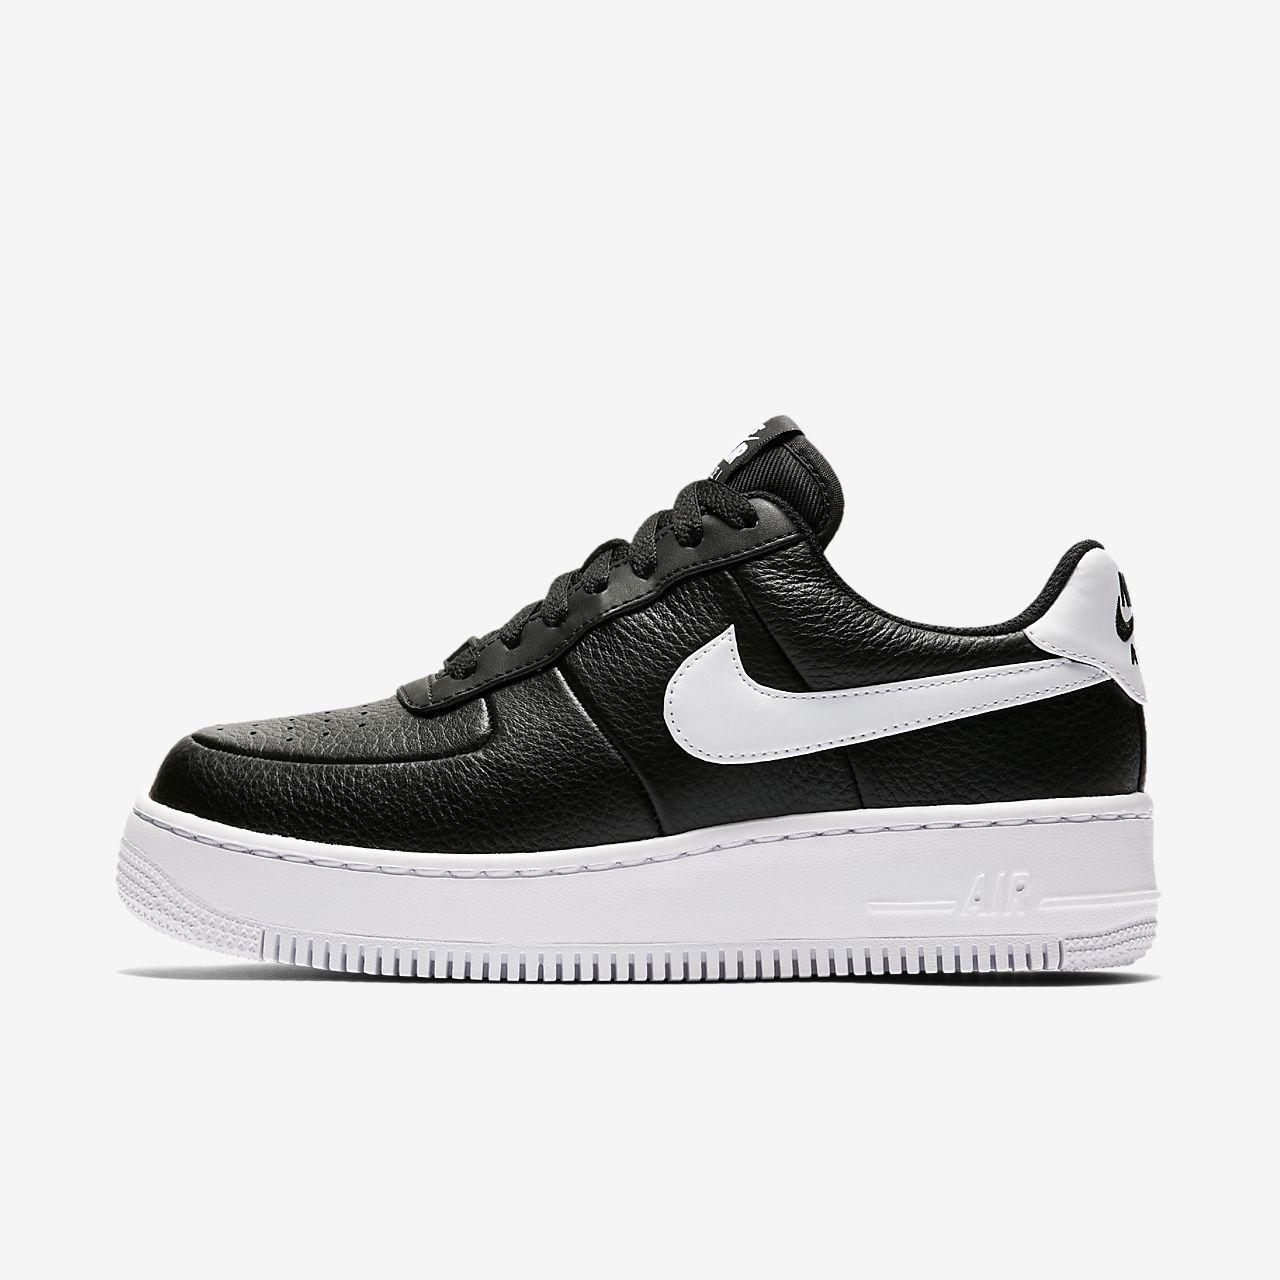 ... Женские кроссовки Nike Air Force 1 Upstep competitive price f8b0b cc03d  ... 7c2d6eb0f